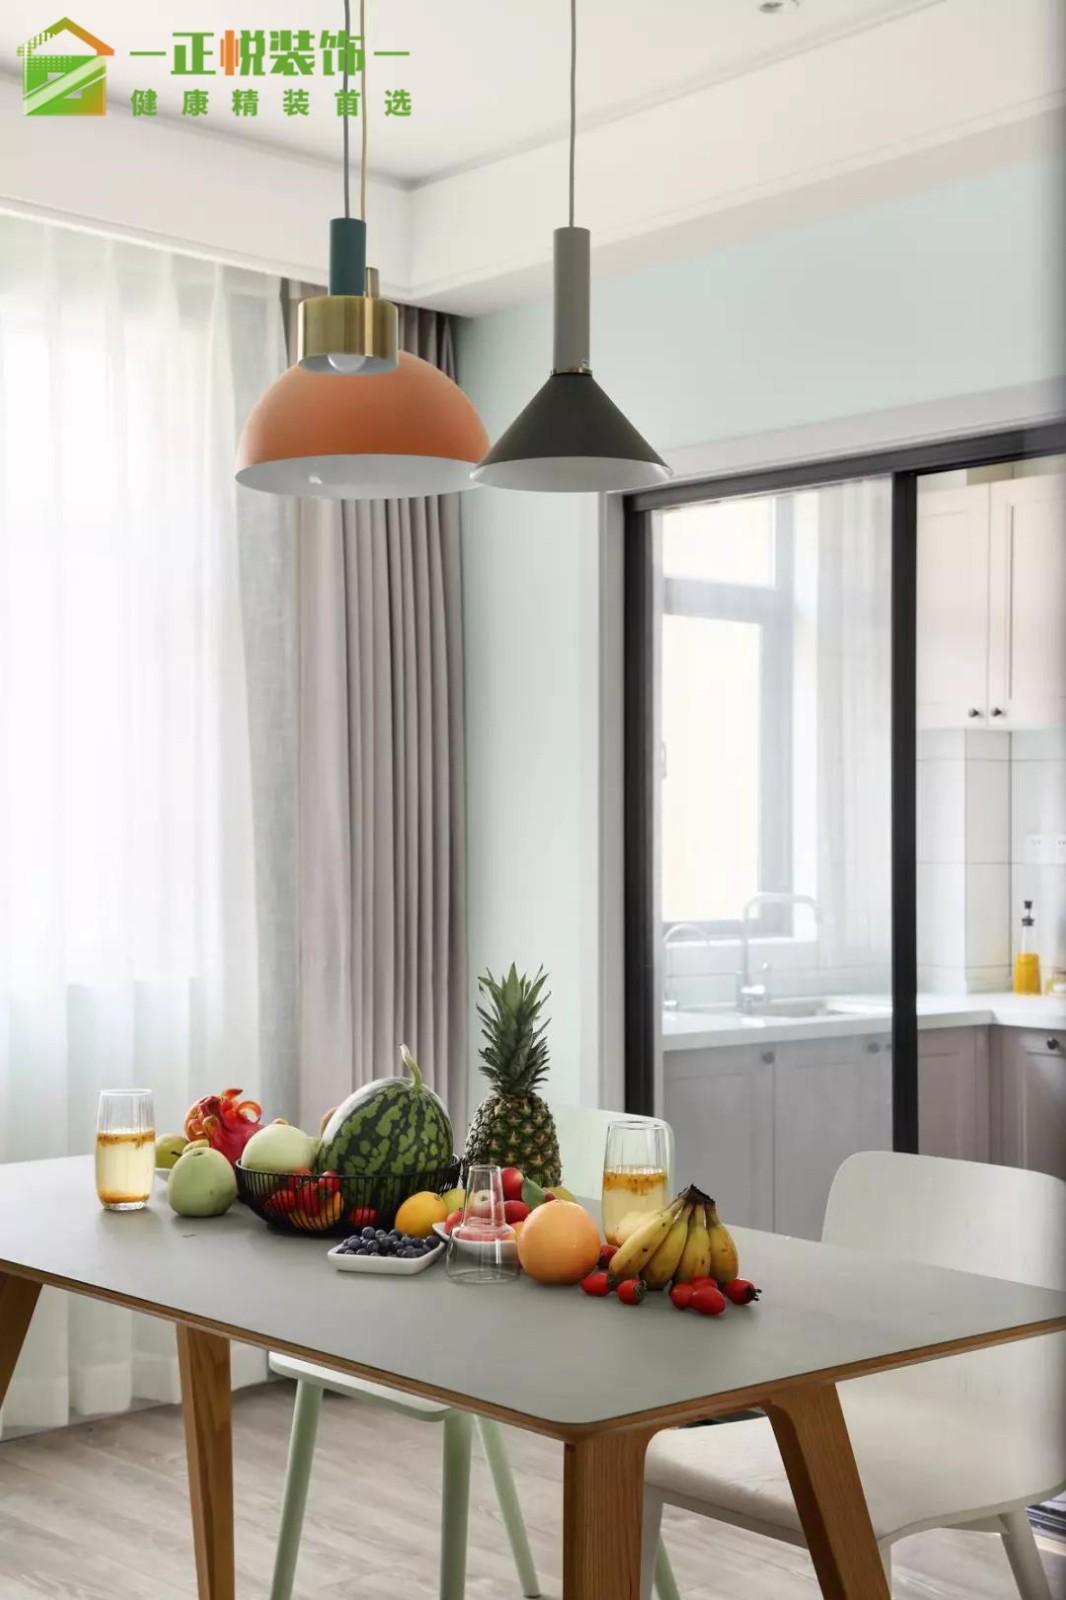 烟台正悦装饰|这个蹲便式马桶我喜欢!厨房窗帘北欧极简餐厅设计图片赏析